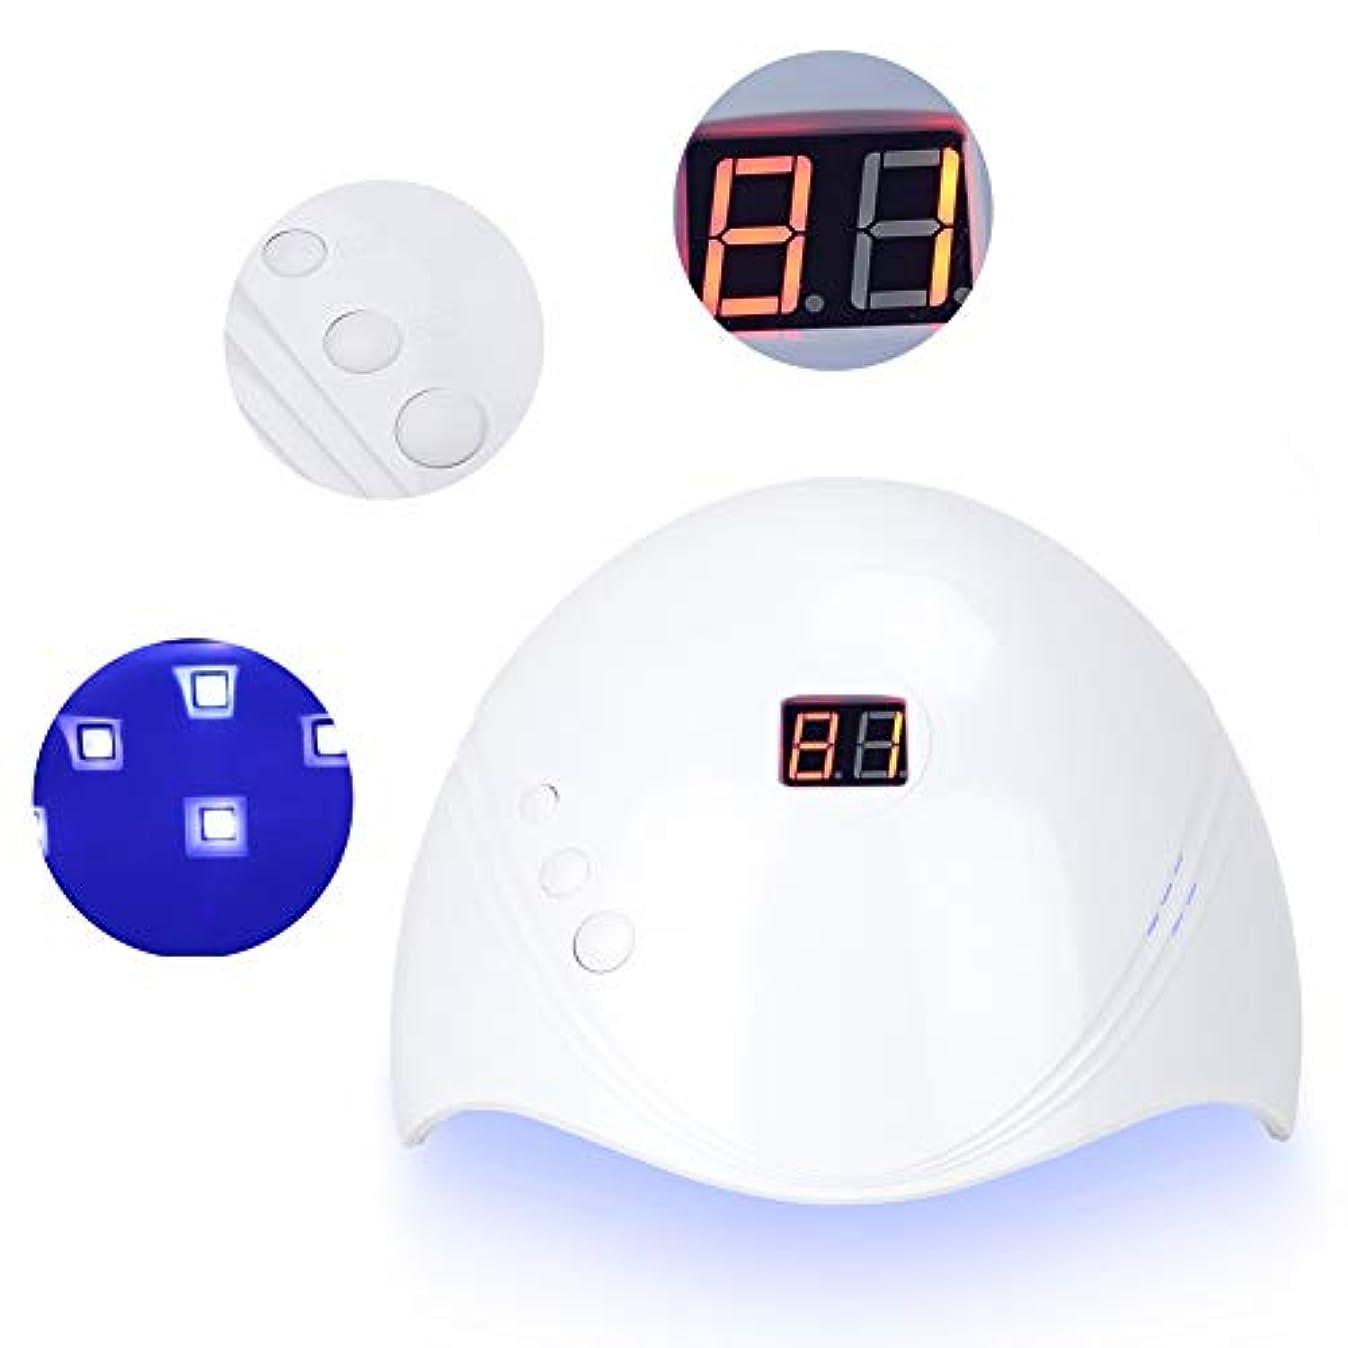 オンス内向きモンクUV LEDネイルランプ、プロフェッショナル36WネイルアートLEDランプドライヤージェルポリッシュ硬化マニキュア